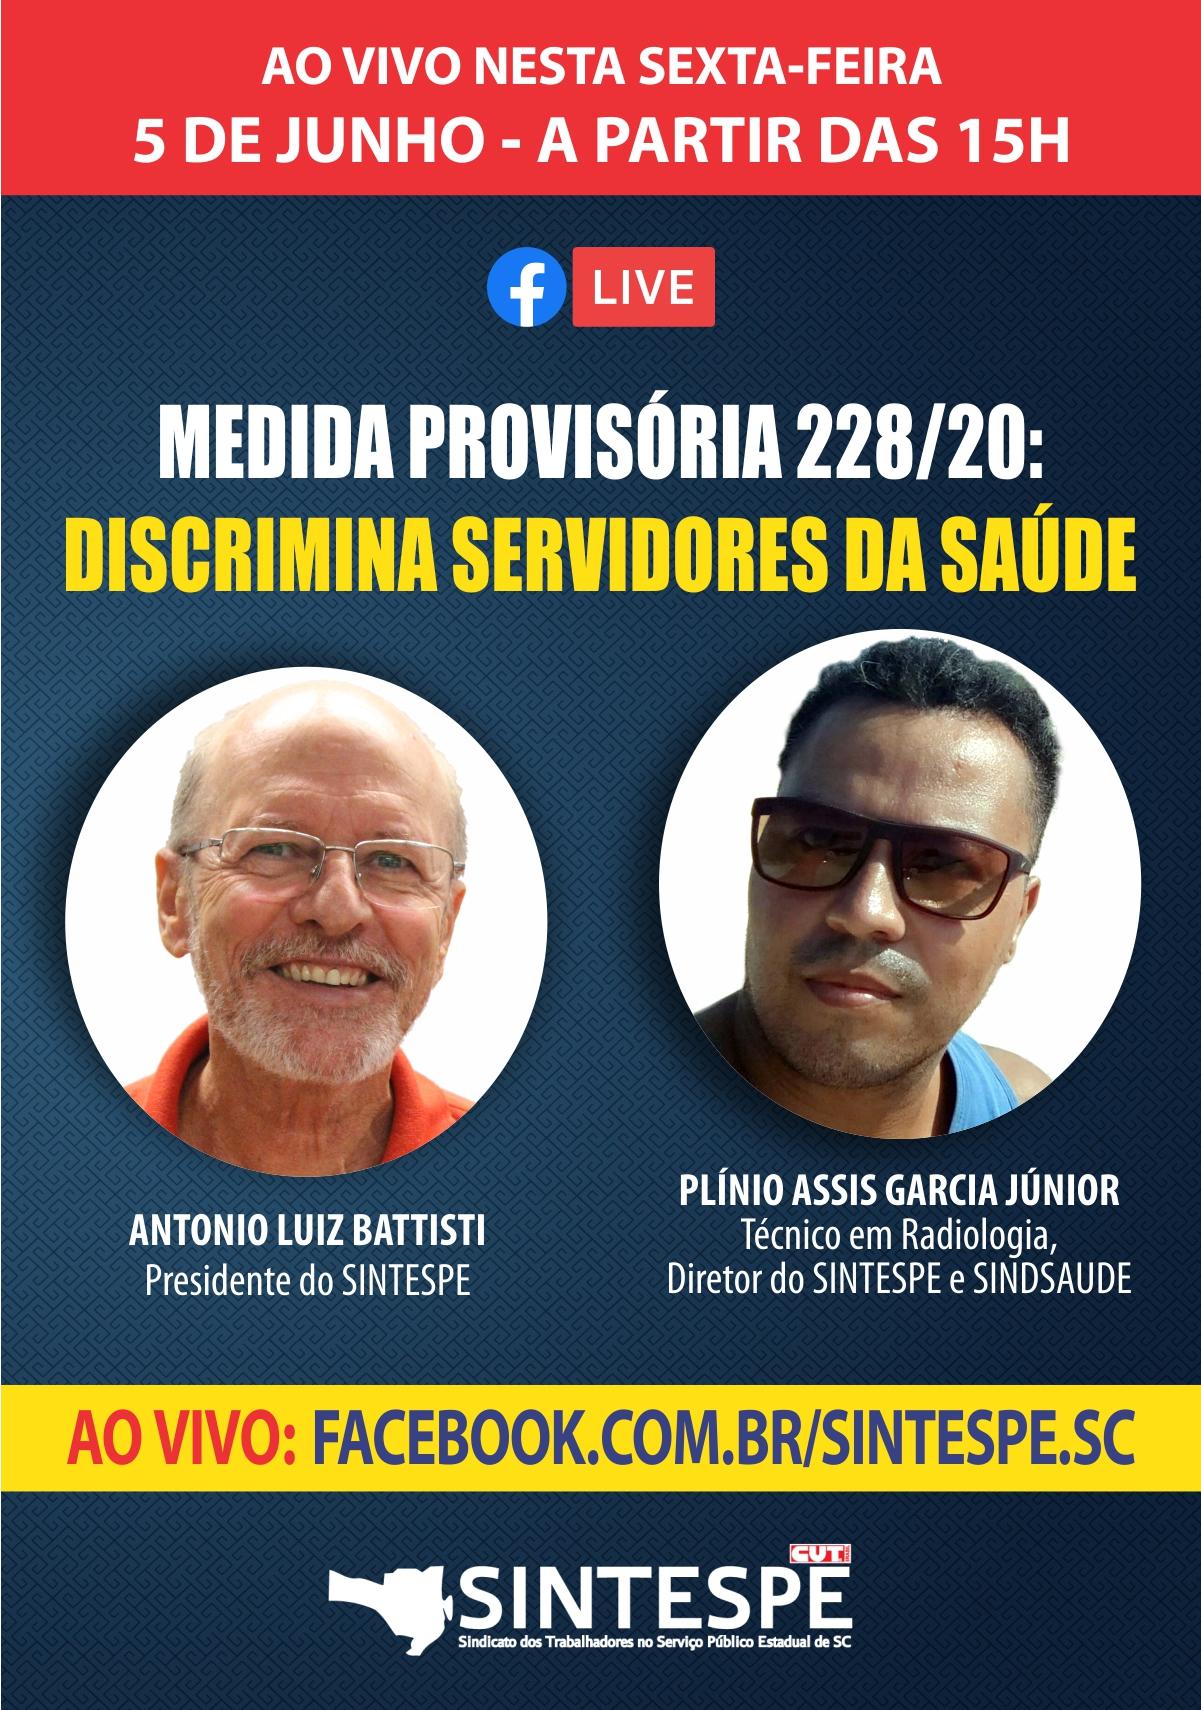 Ao vivo nesta sexta-feira (5): MP 228 Discrimina Servidores da Saúde